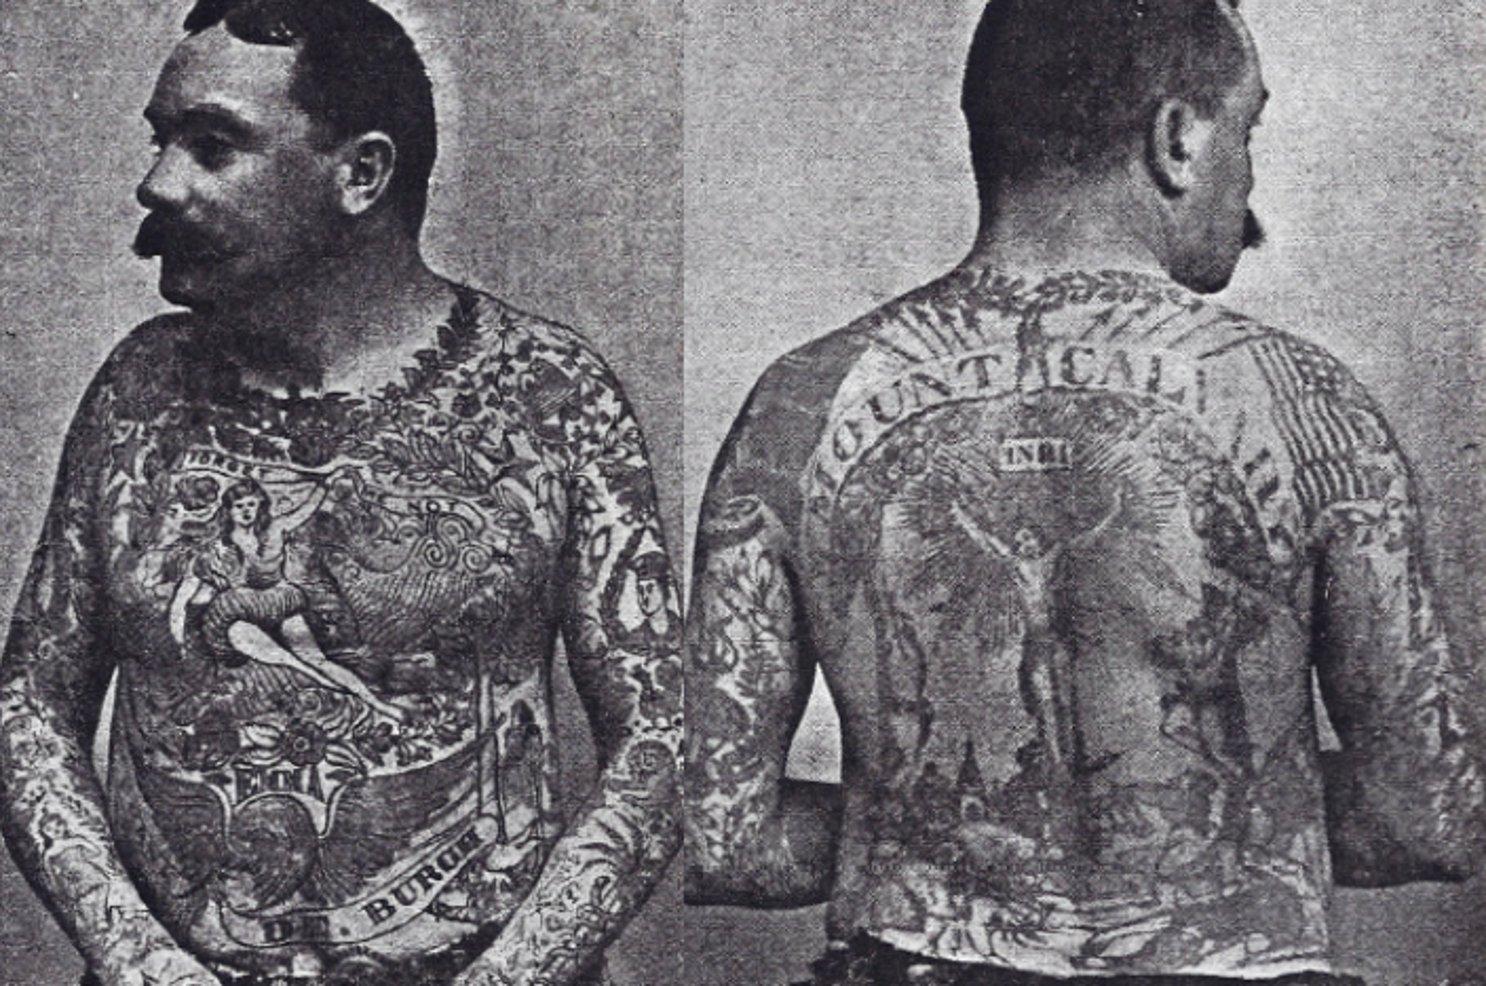 татуювання Джон ОРейлі